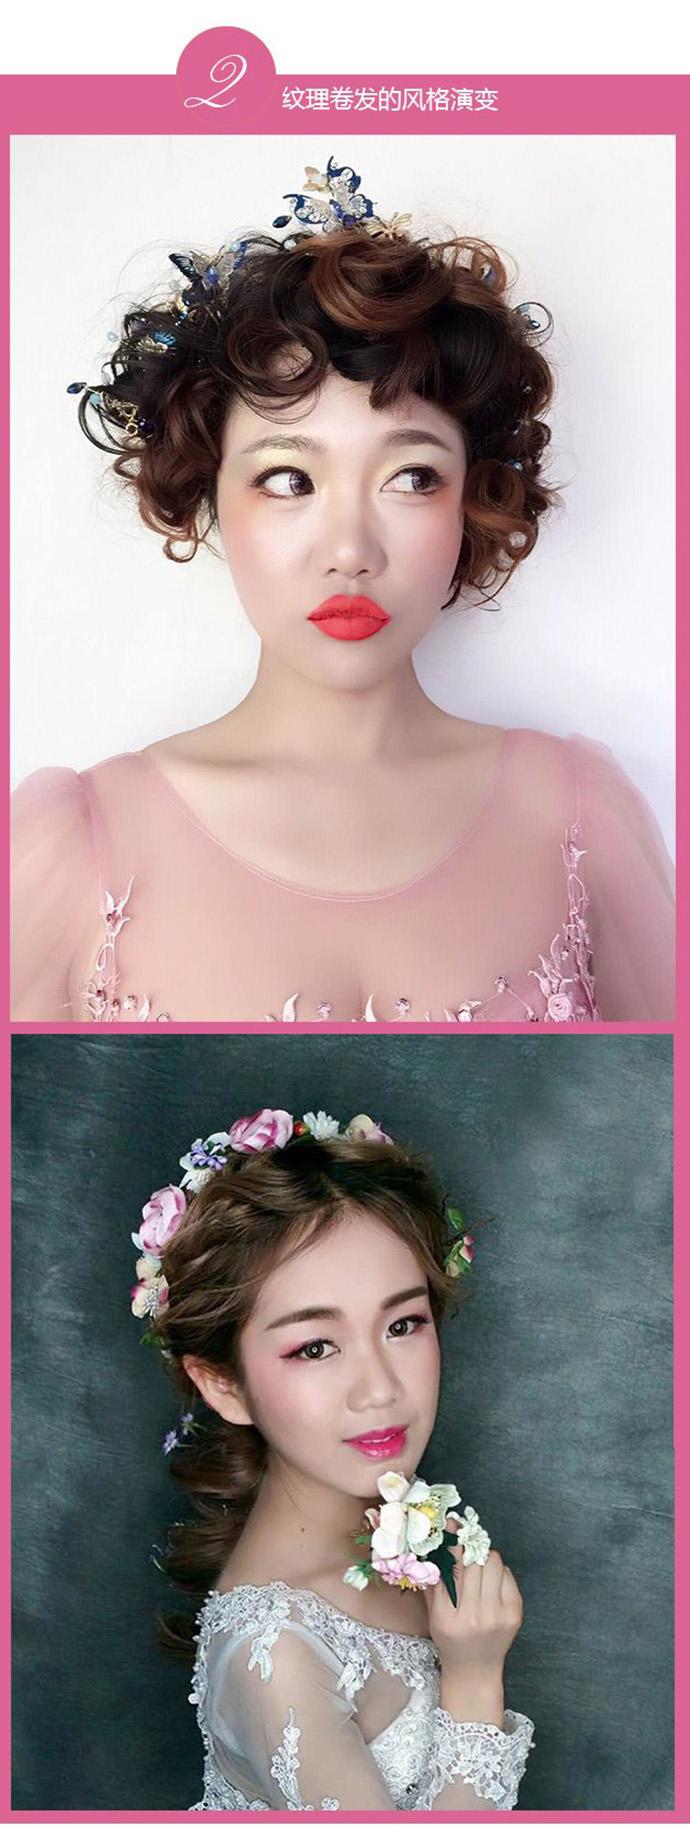 轻松学会时尚生活职场美妆技法